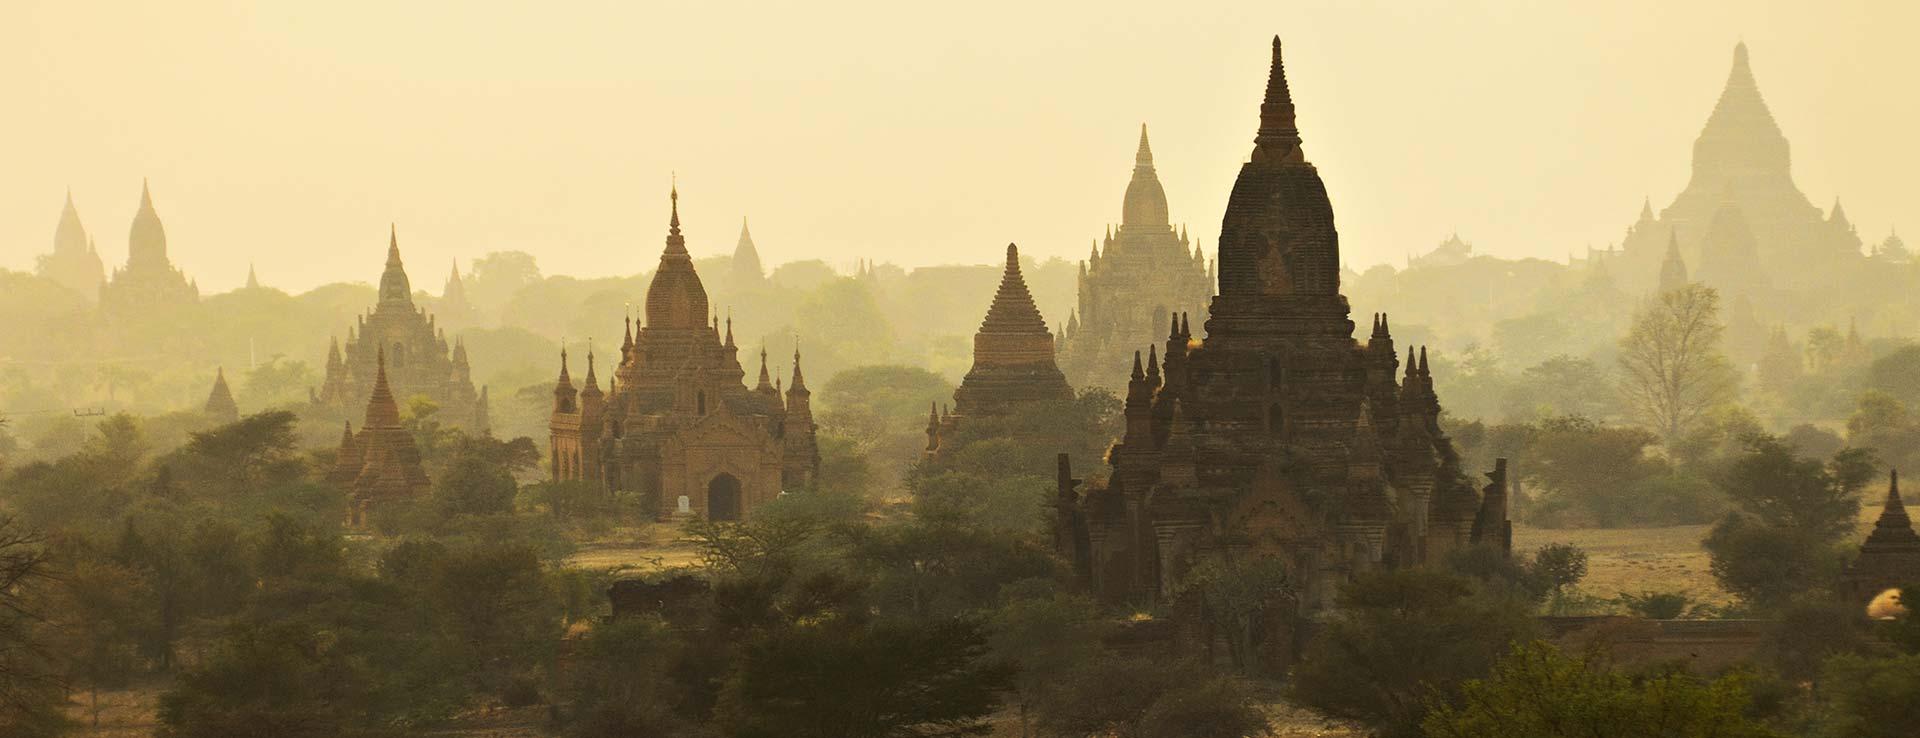 Temples de la plaine de Bagan au coucher du soleil, Birmanie